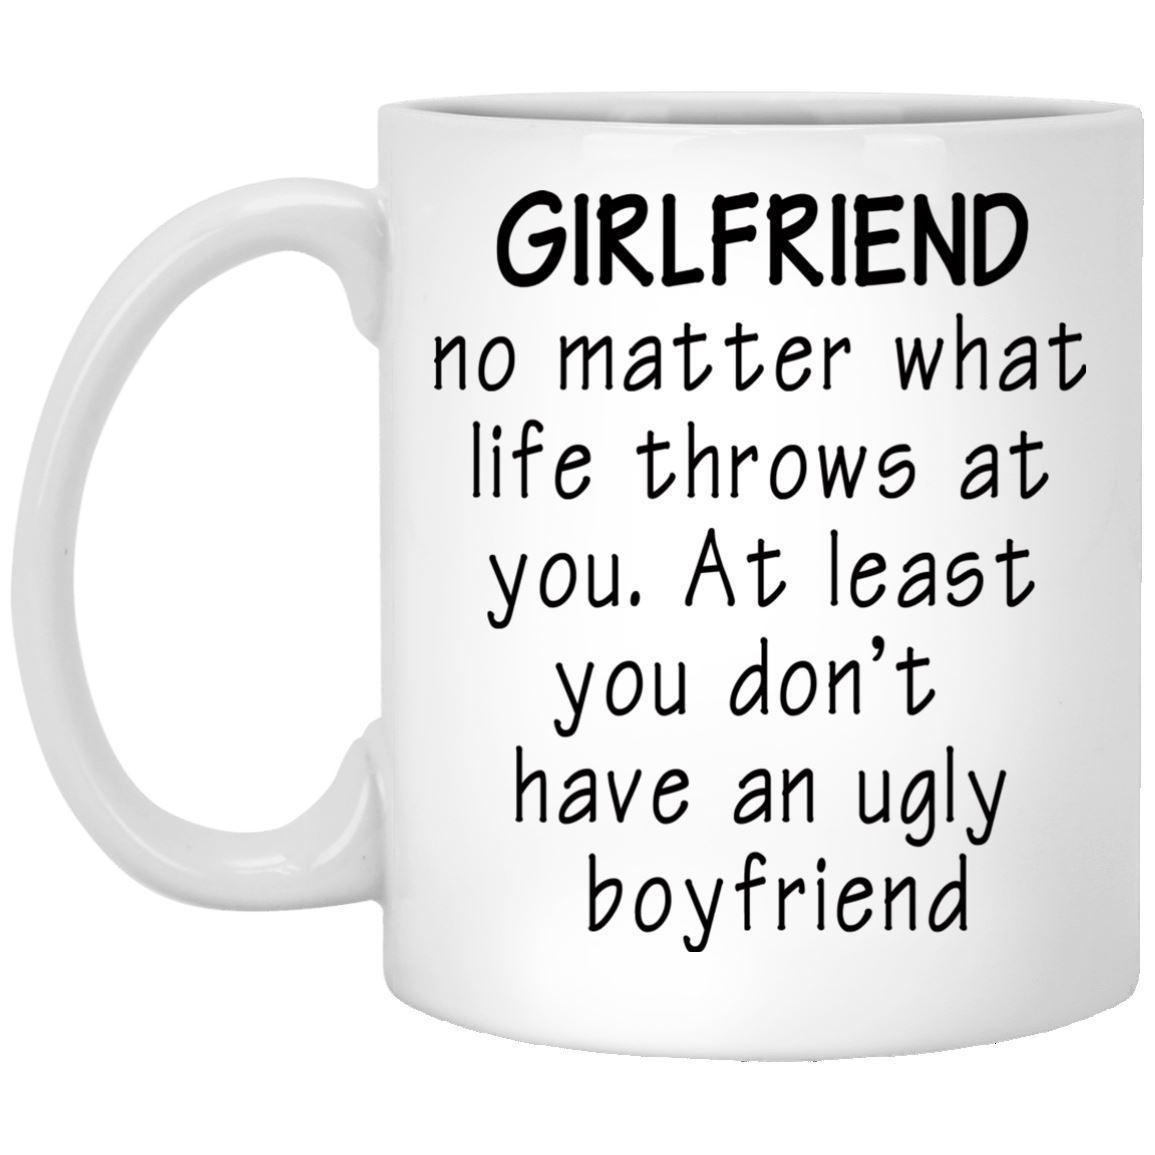 Funny Coffee Mug For Girlfriend Boyfriend And 23 Similar Items